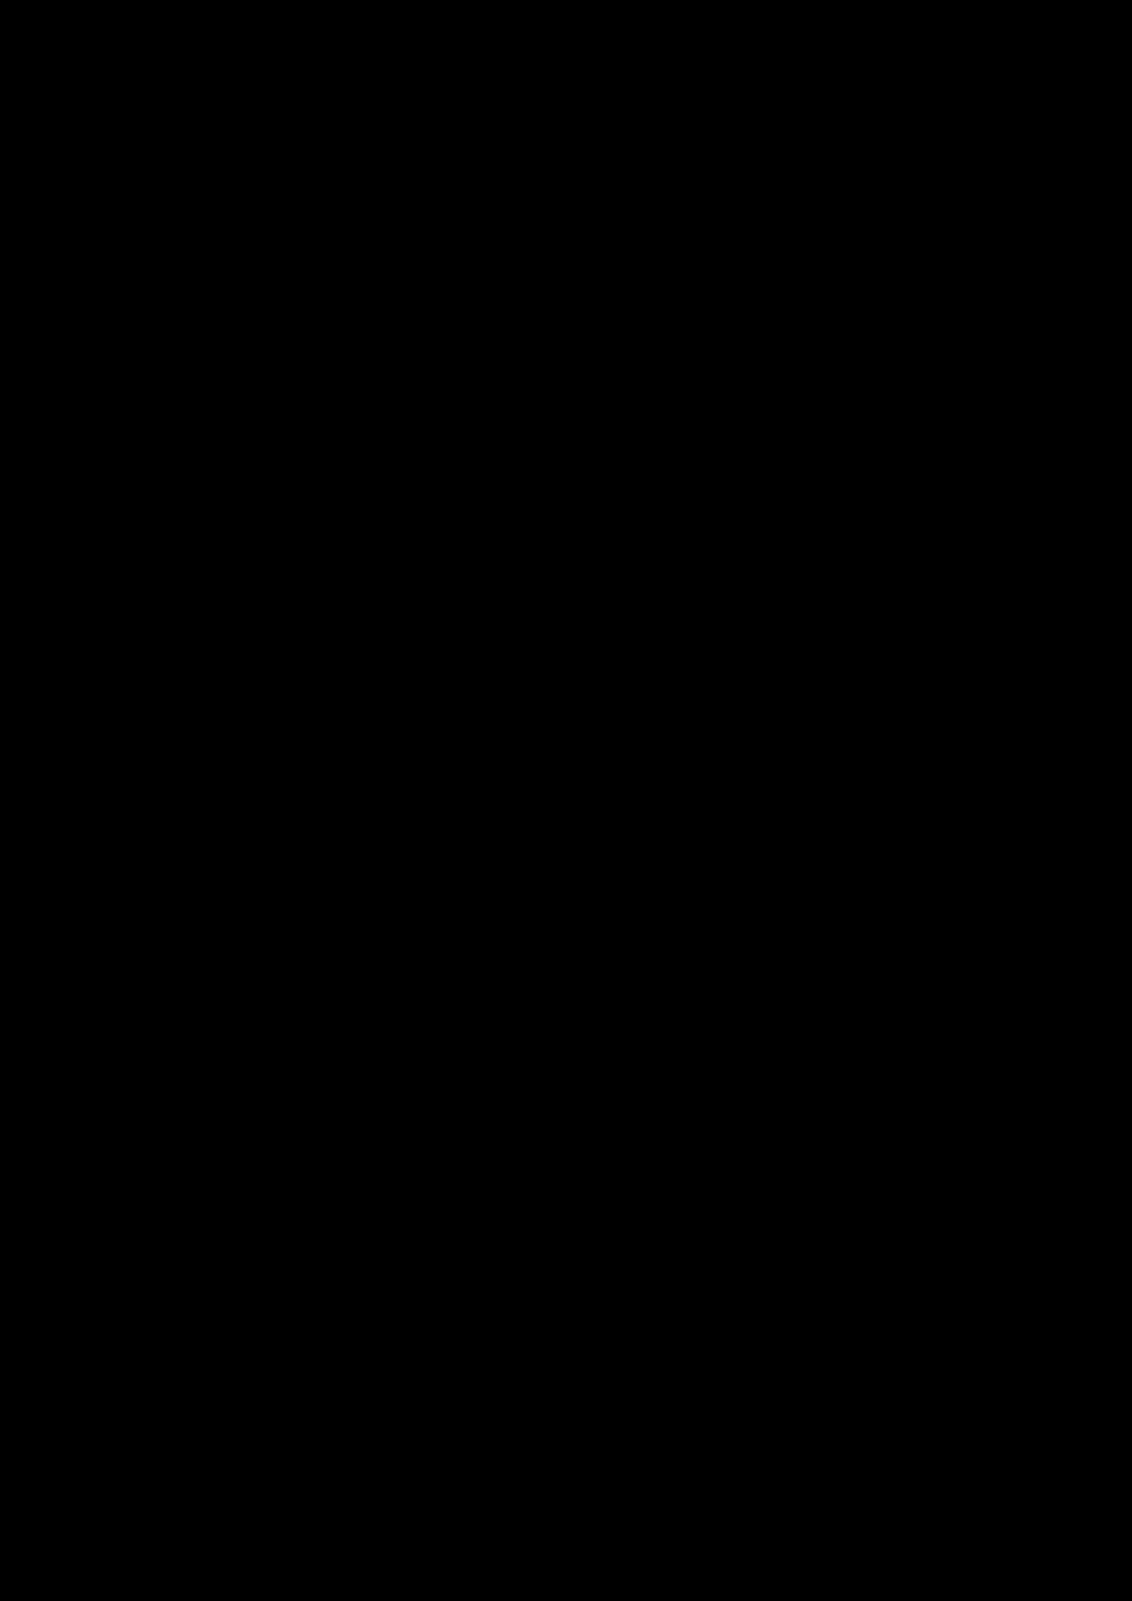 Proschanie s volshebnoy stranoy slide, Image 62